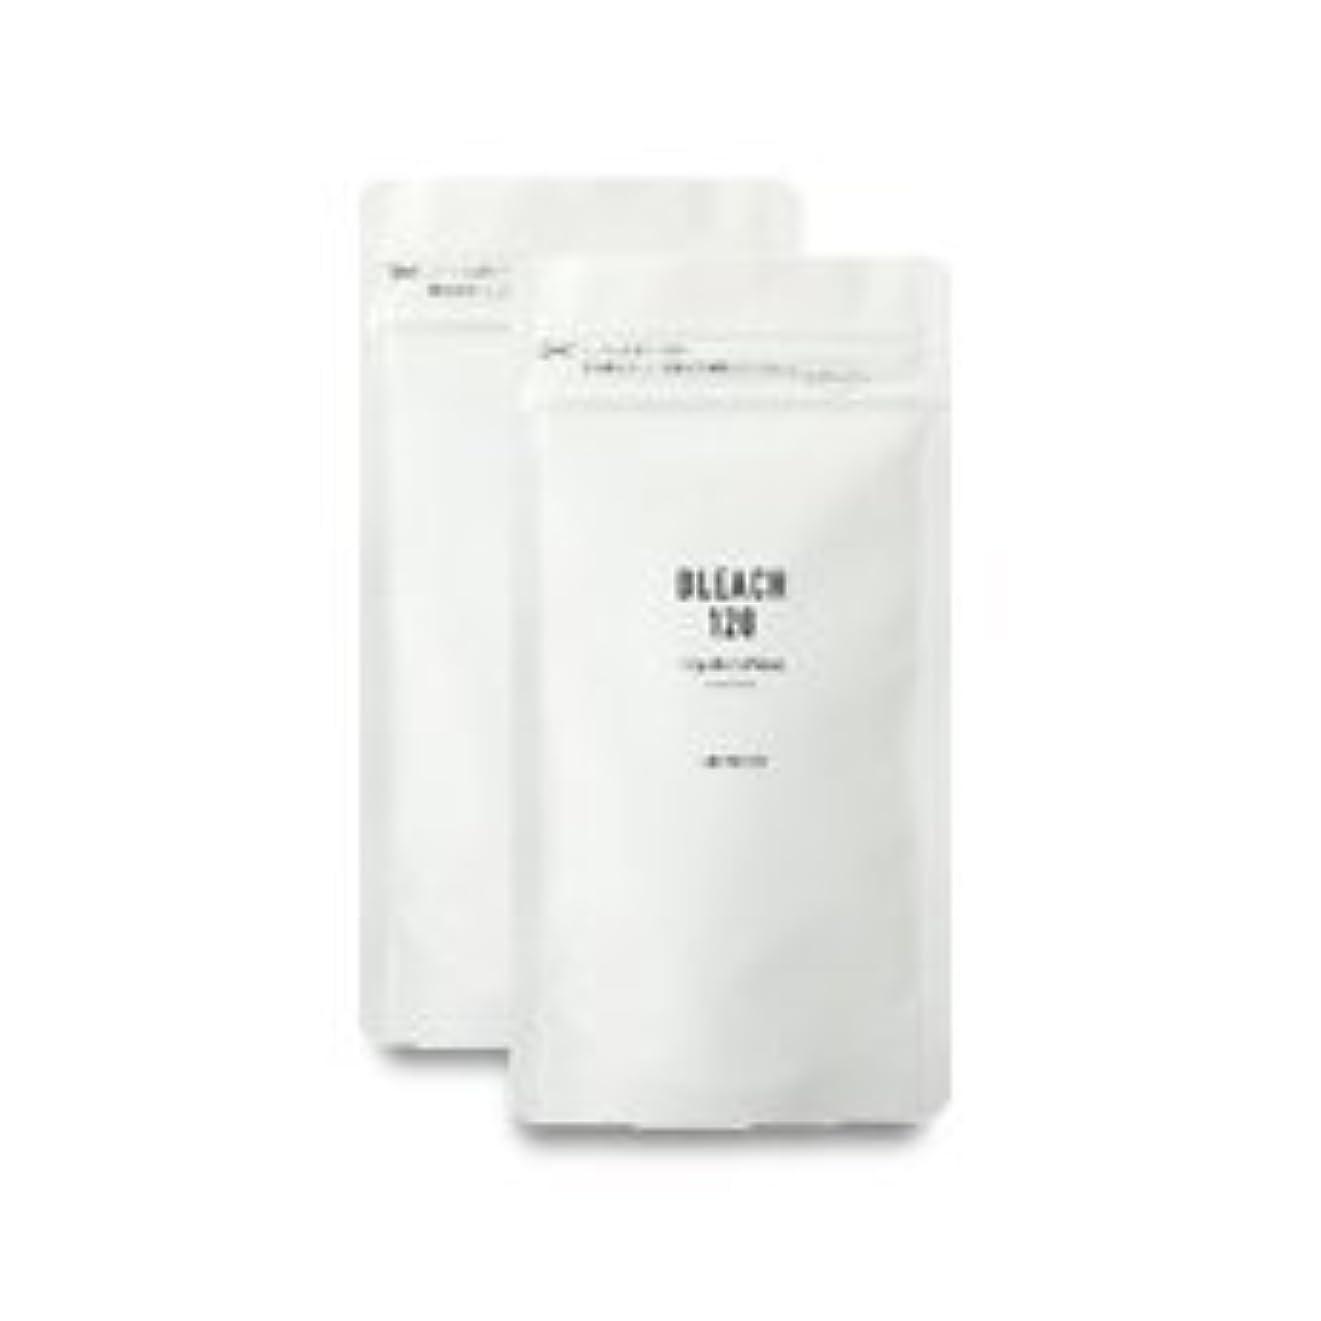 アリミノ ブリーチ 120 (150g×2) 【業務用】【脱色?脱染剤】【医薬部外品】